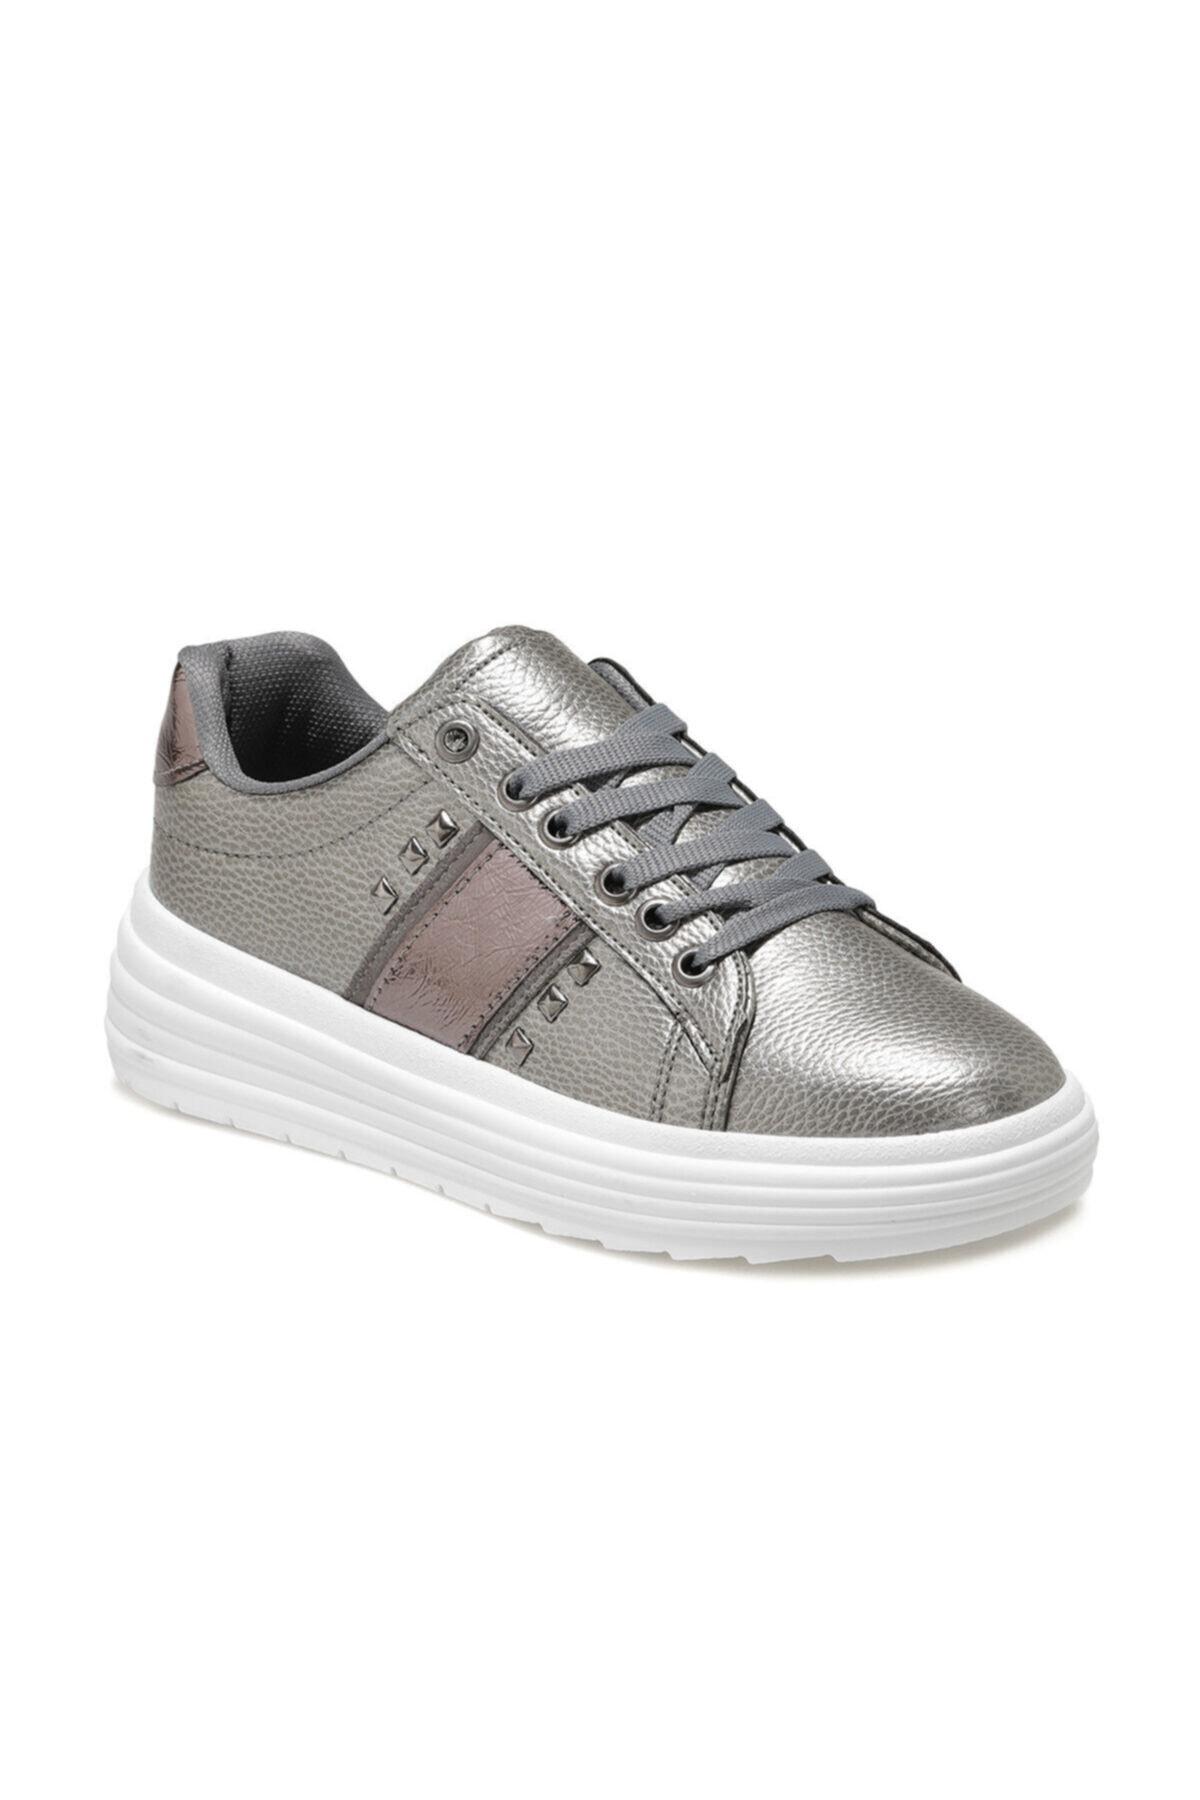 Butigo DONNA Antrasit Kadın Havuz Taban Sneaker 101029786 2